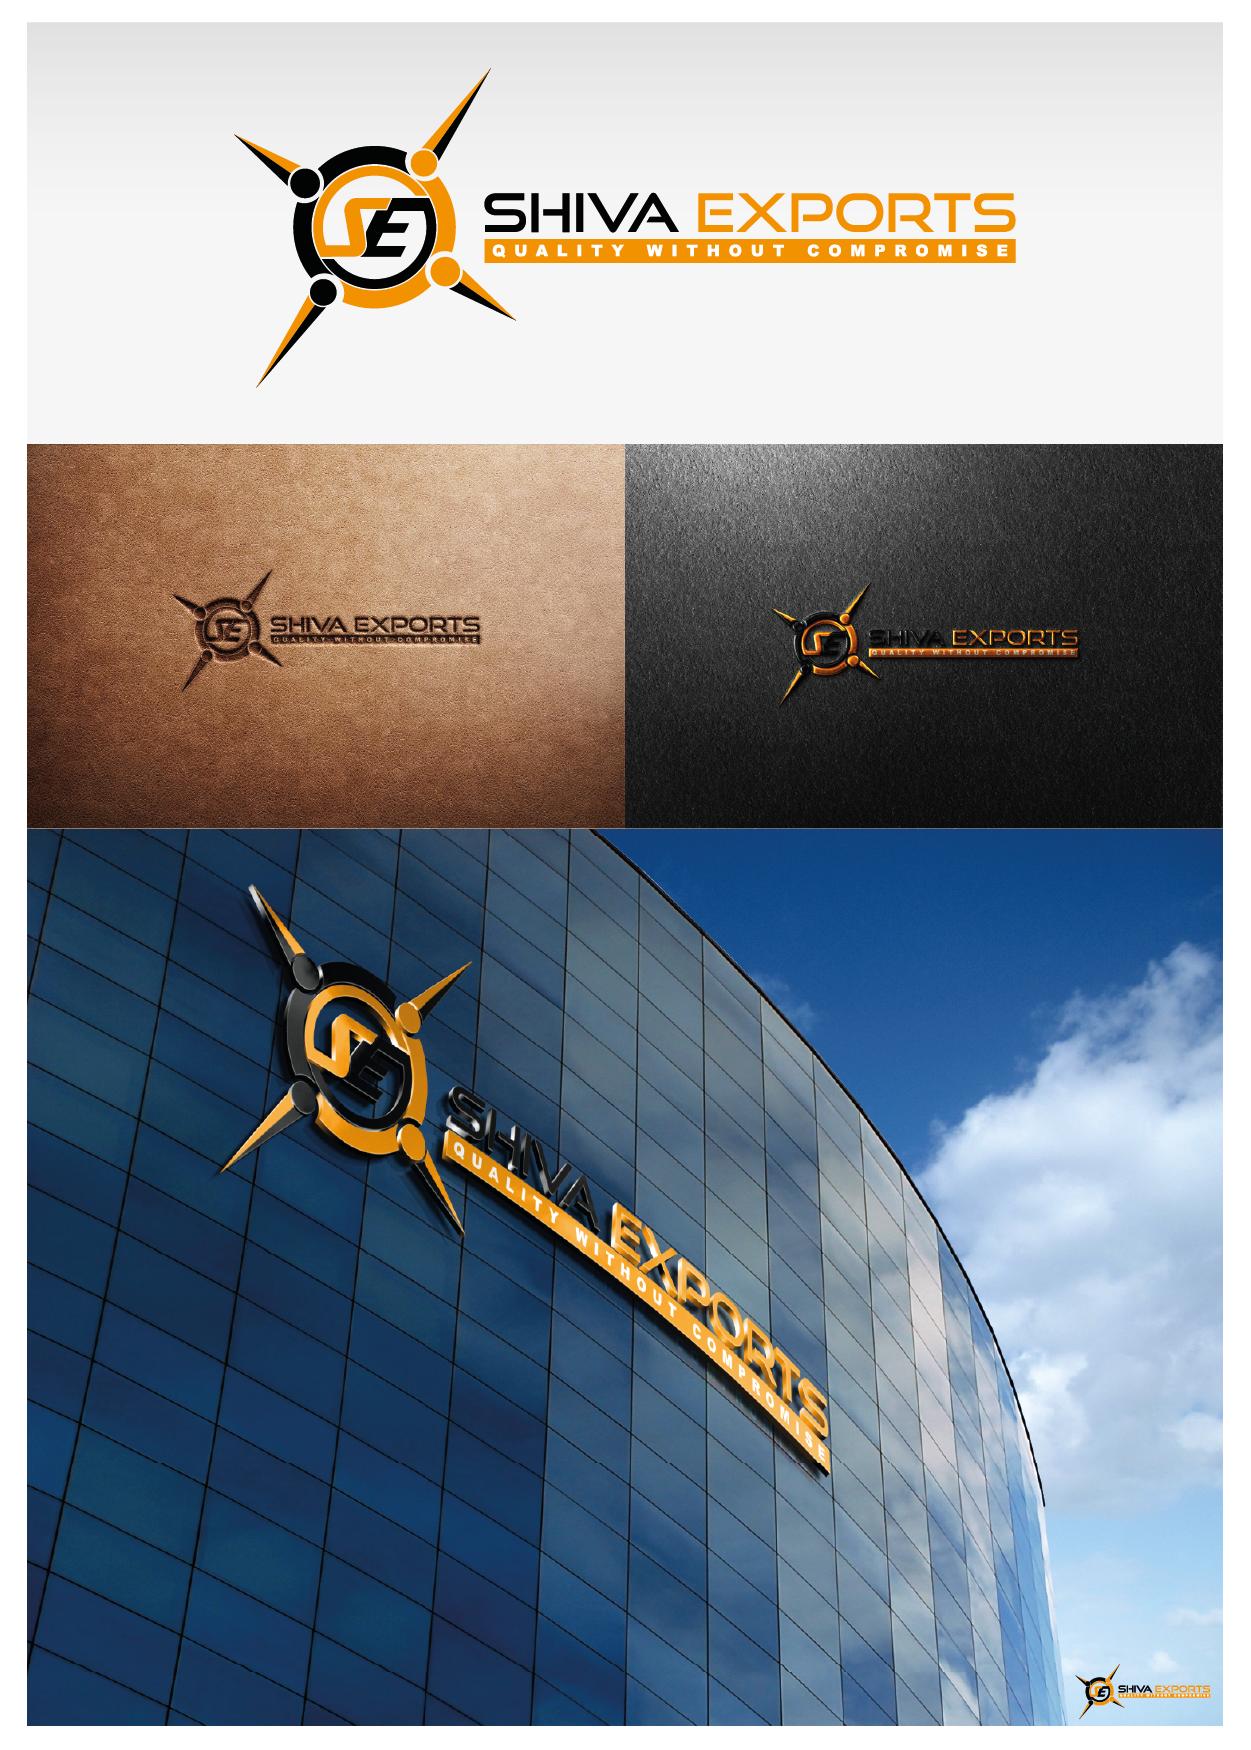 logo for Shiva Exports